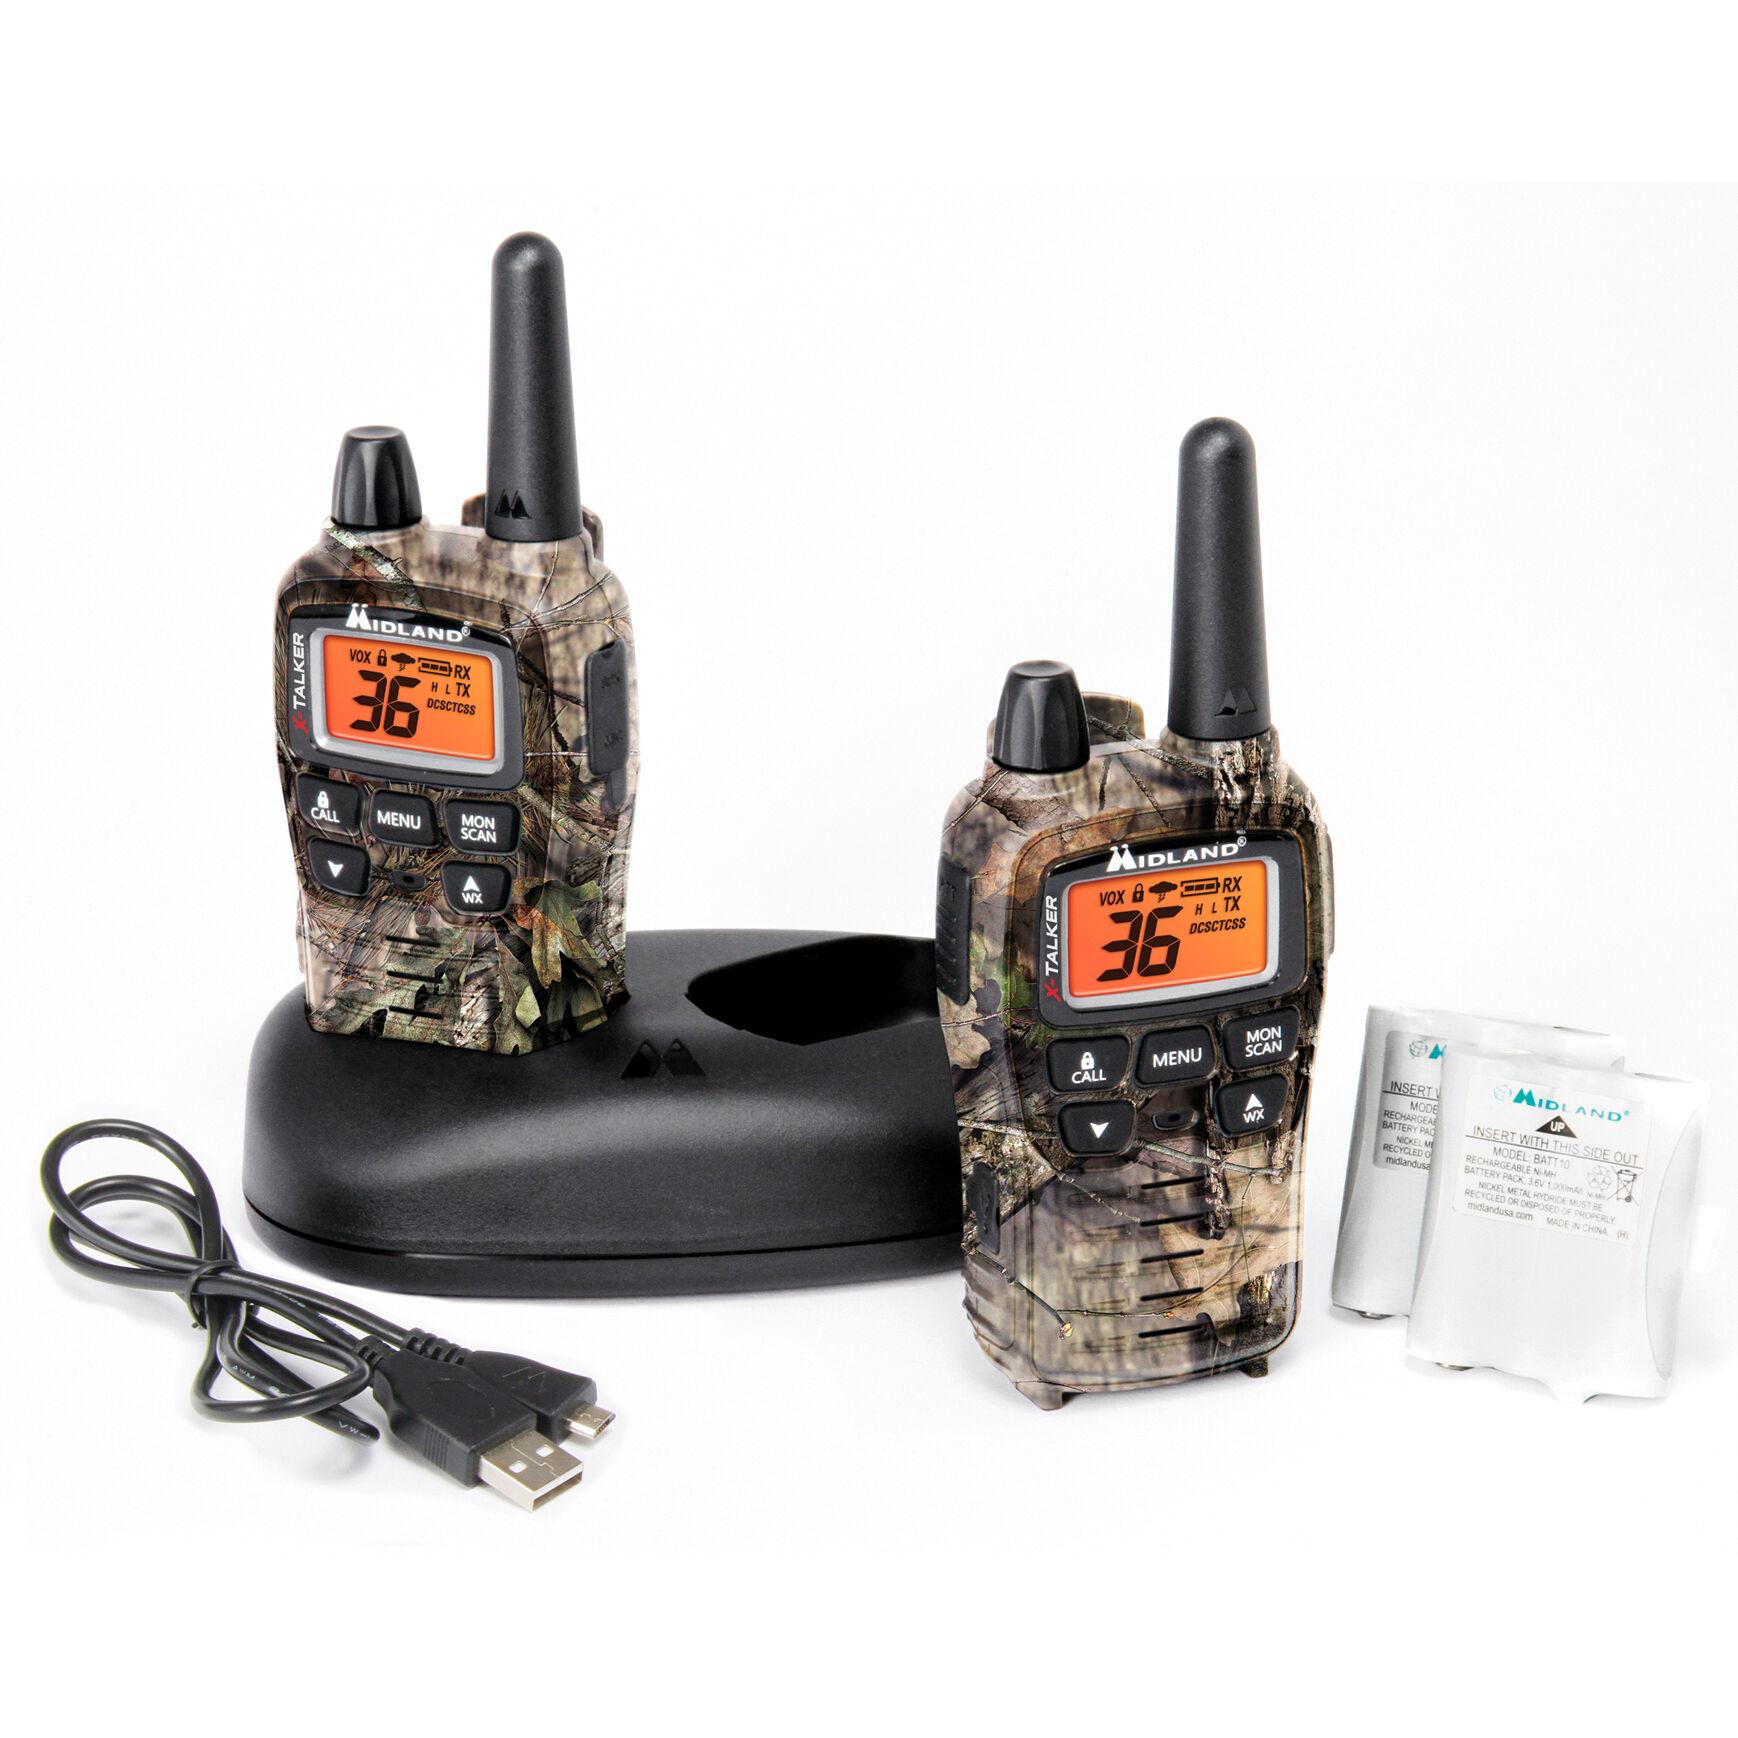 Midland X-Talker XT T75VP3 Two-Way Radios